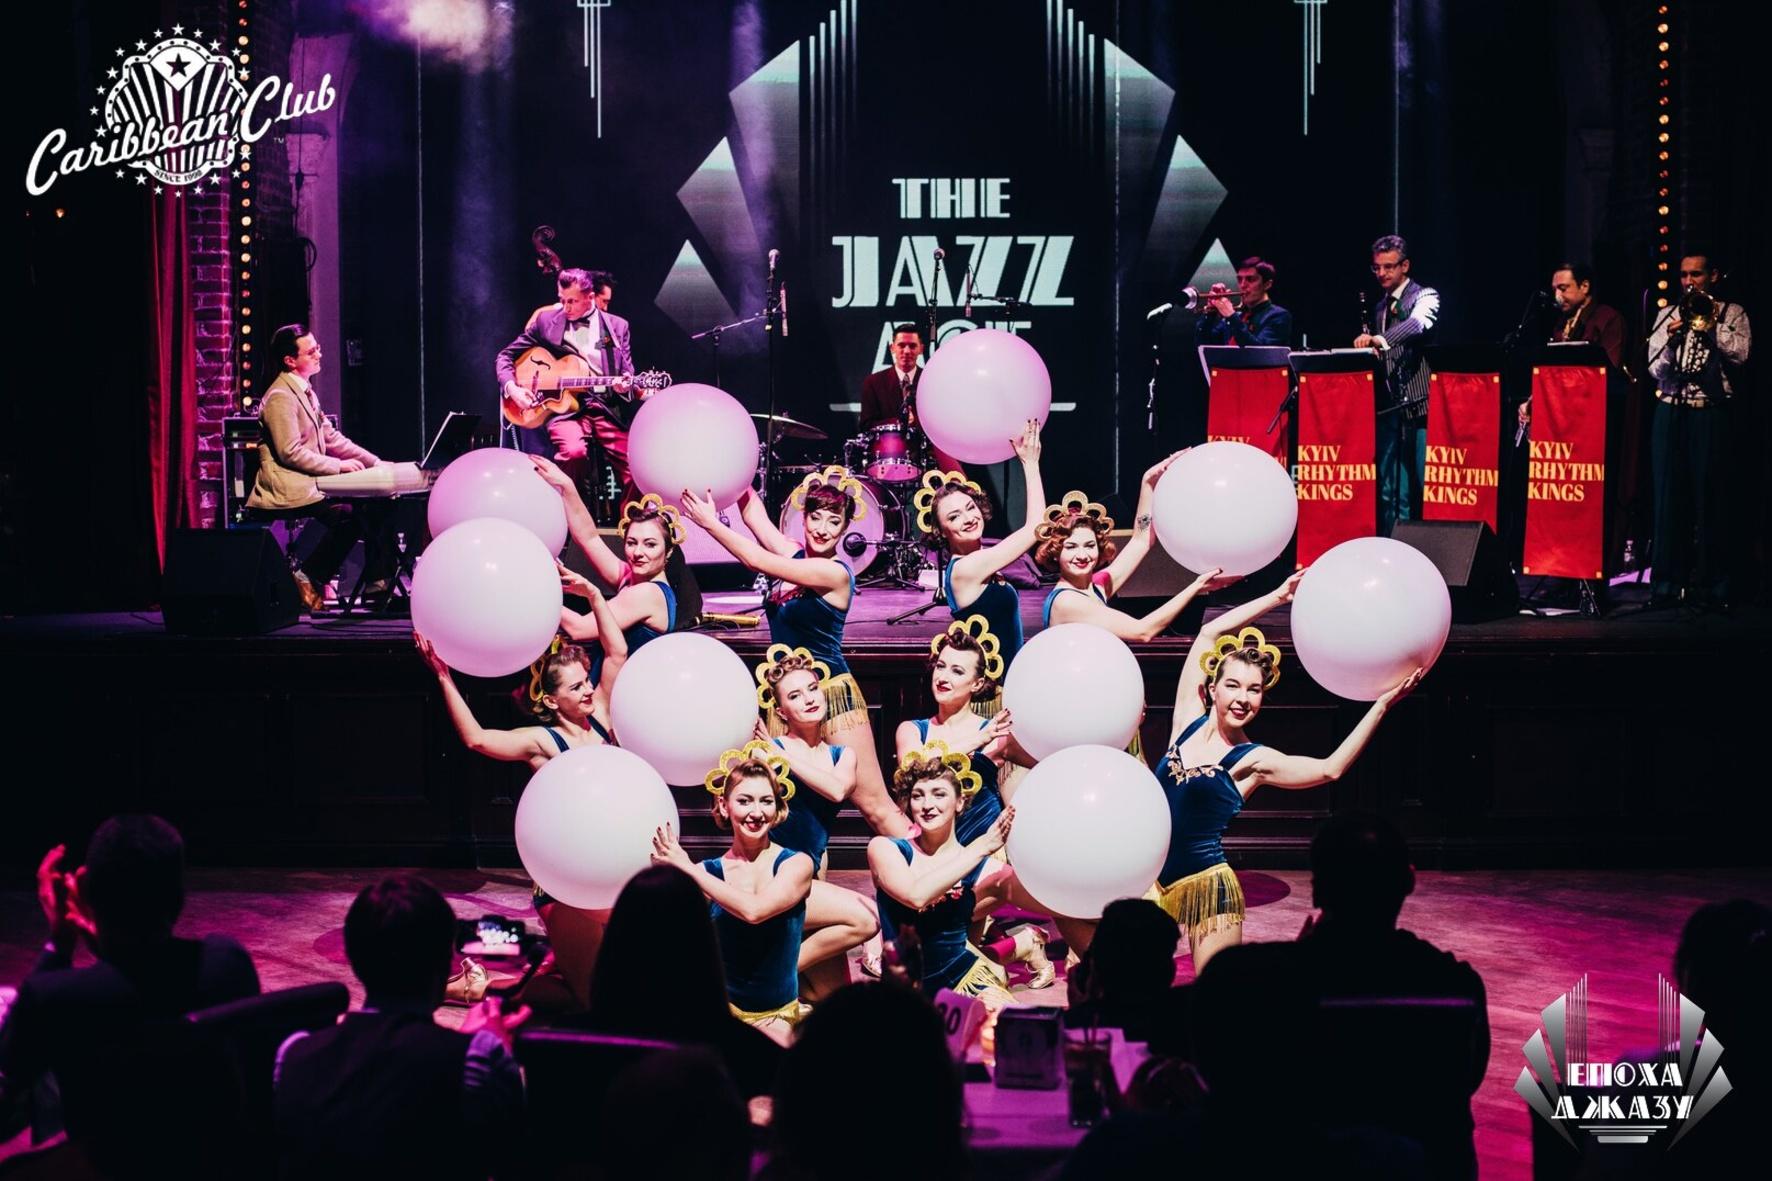 Caribbean Club и Radio Jazz приглашают на летнюю серию вечеров «Джазовый квартирник»